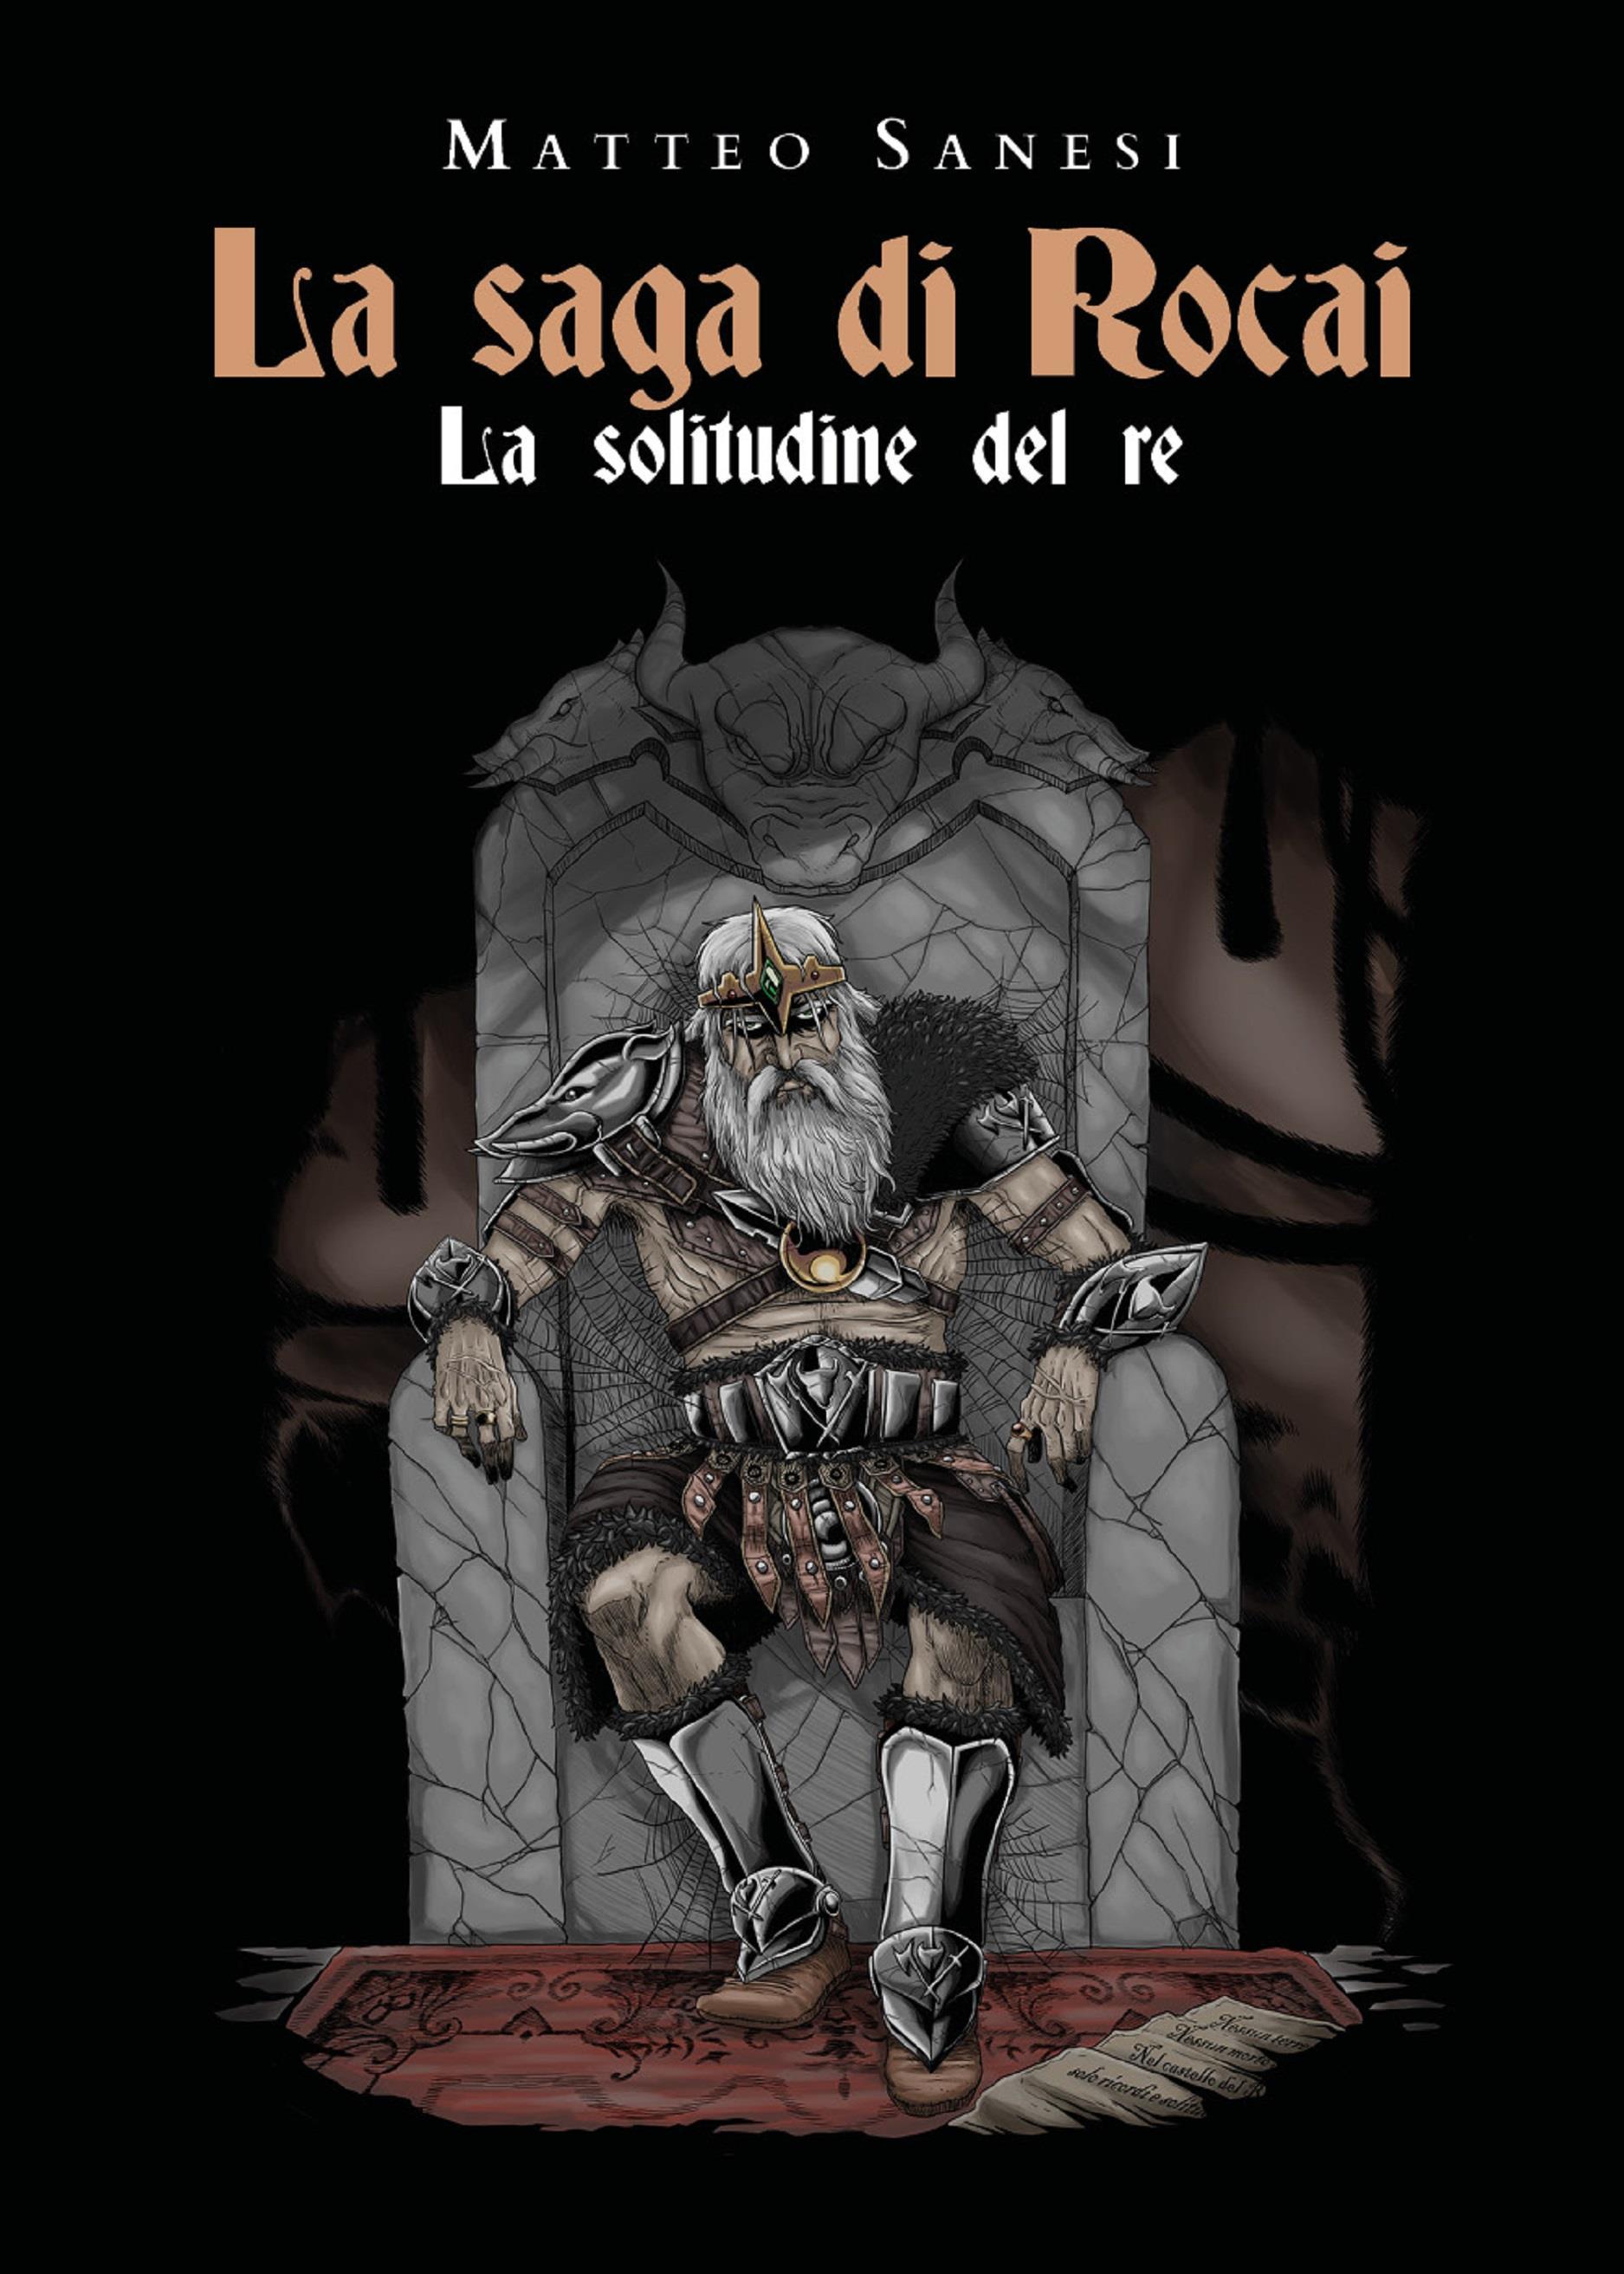 La saga di Rocai - La solitudine del re